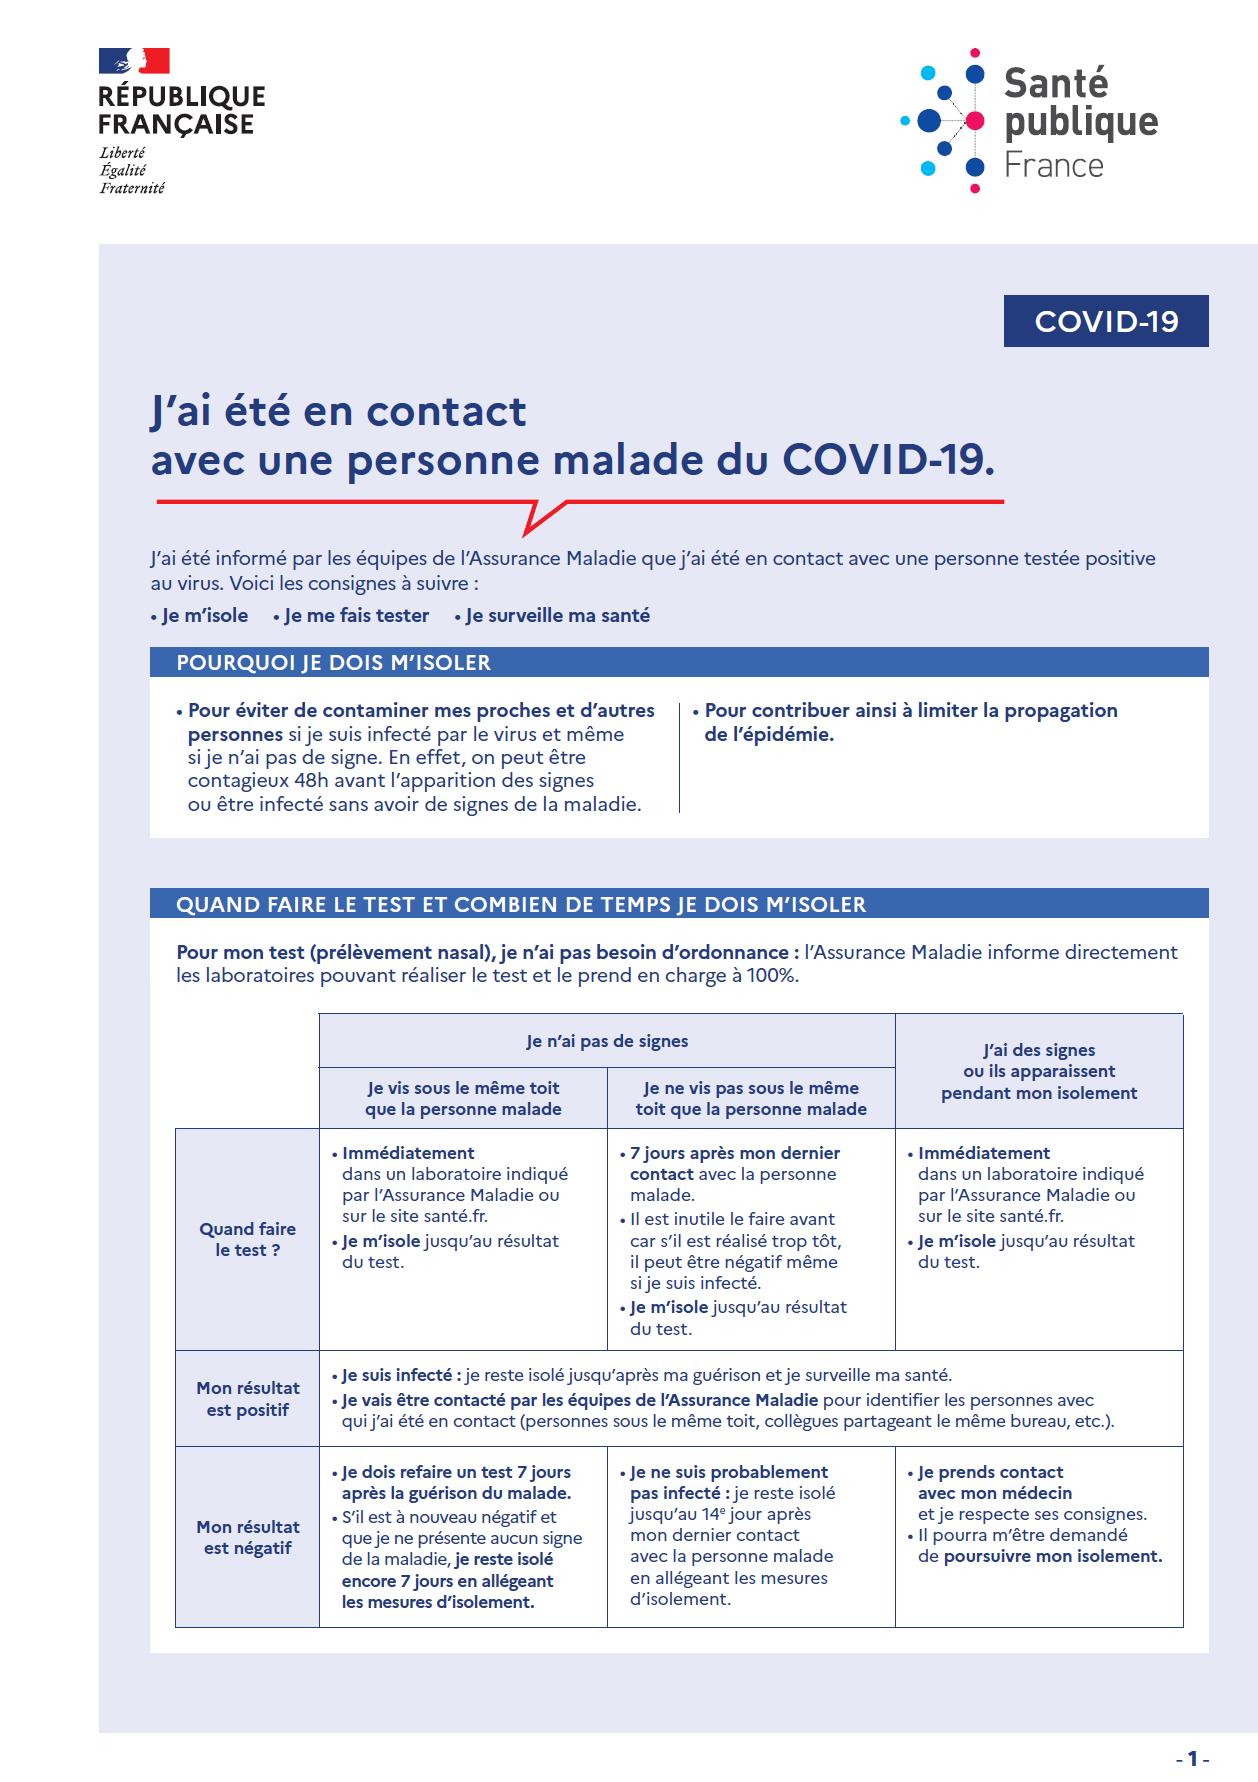 J_ai été en contact avec une personne malade de la COVID19 santé publique France.png